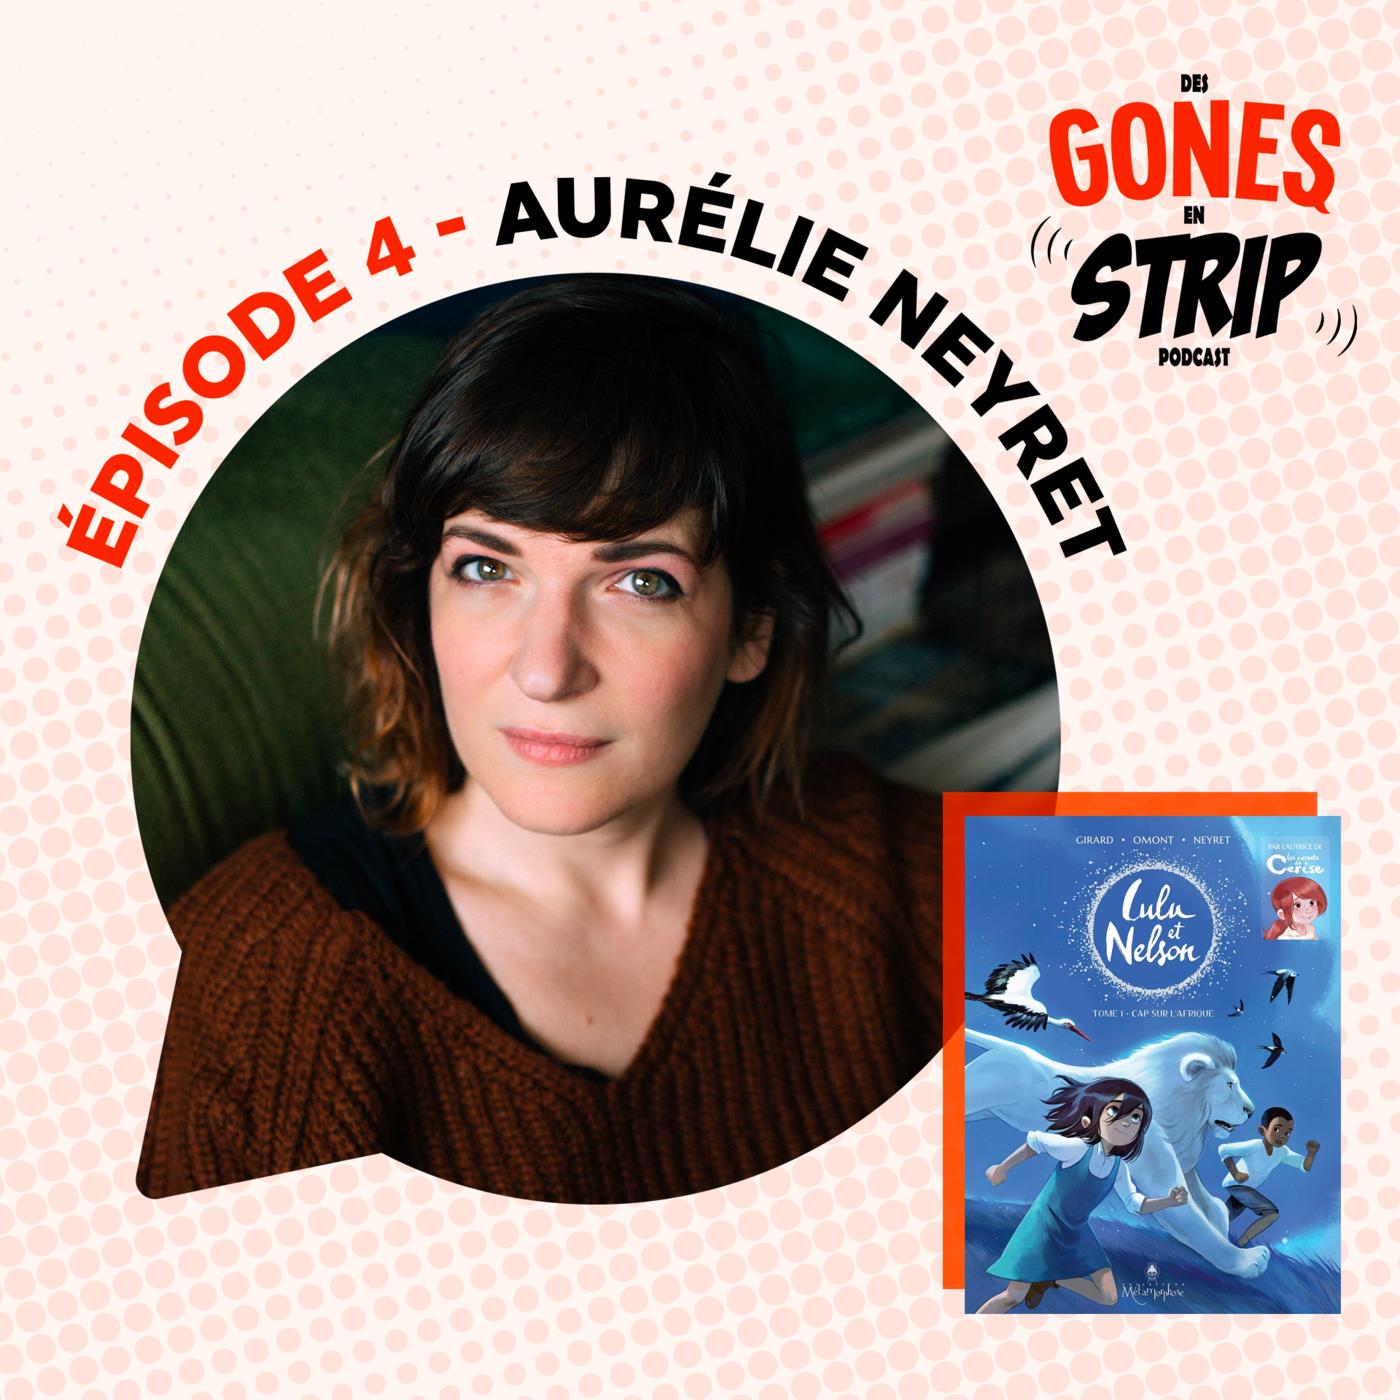 #4 - Aurelie Neyret